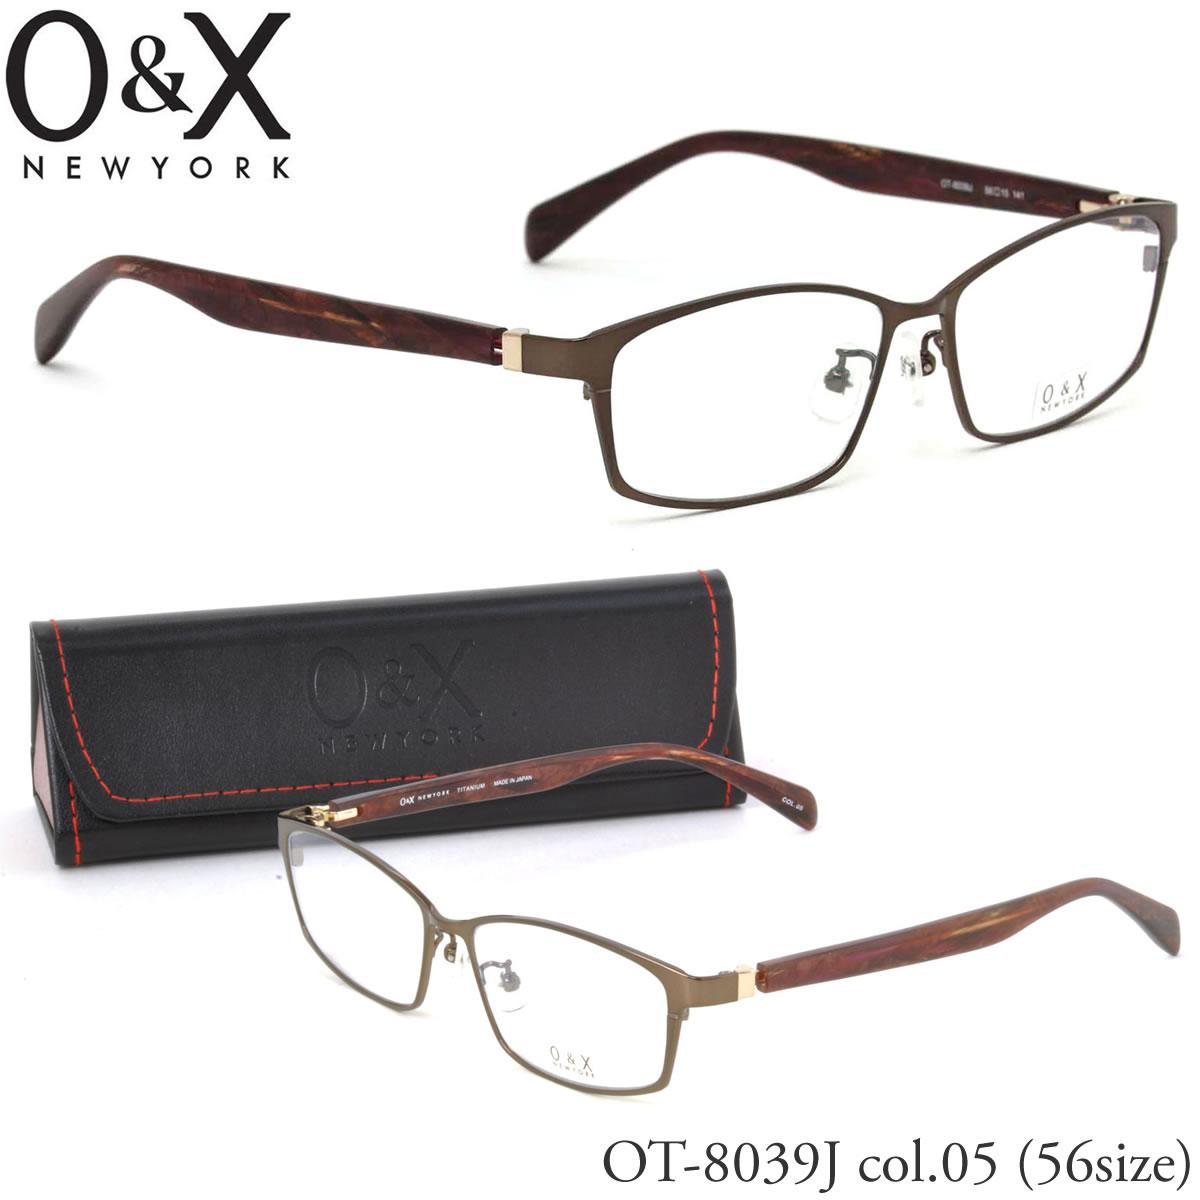 【10月30日からエントリーで全品ポイント20倍】【O&X】(オーアンドエックス) メガネ フレーム OT 8039J 05 56サイズ スクエア βTITANIUM ベータチタン シートメタル 板バネ 日本製 オーアンドエックス O&X メンズ レディース